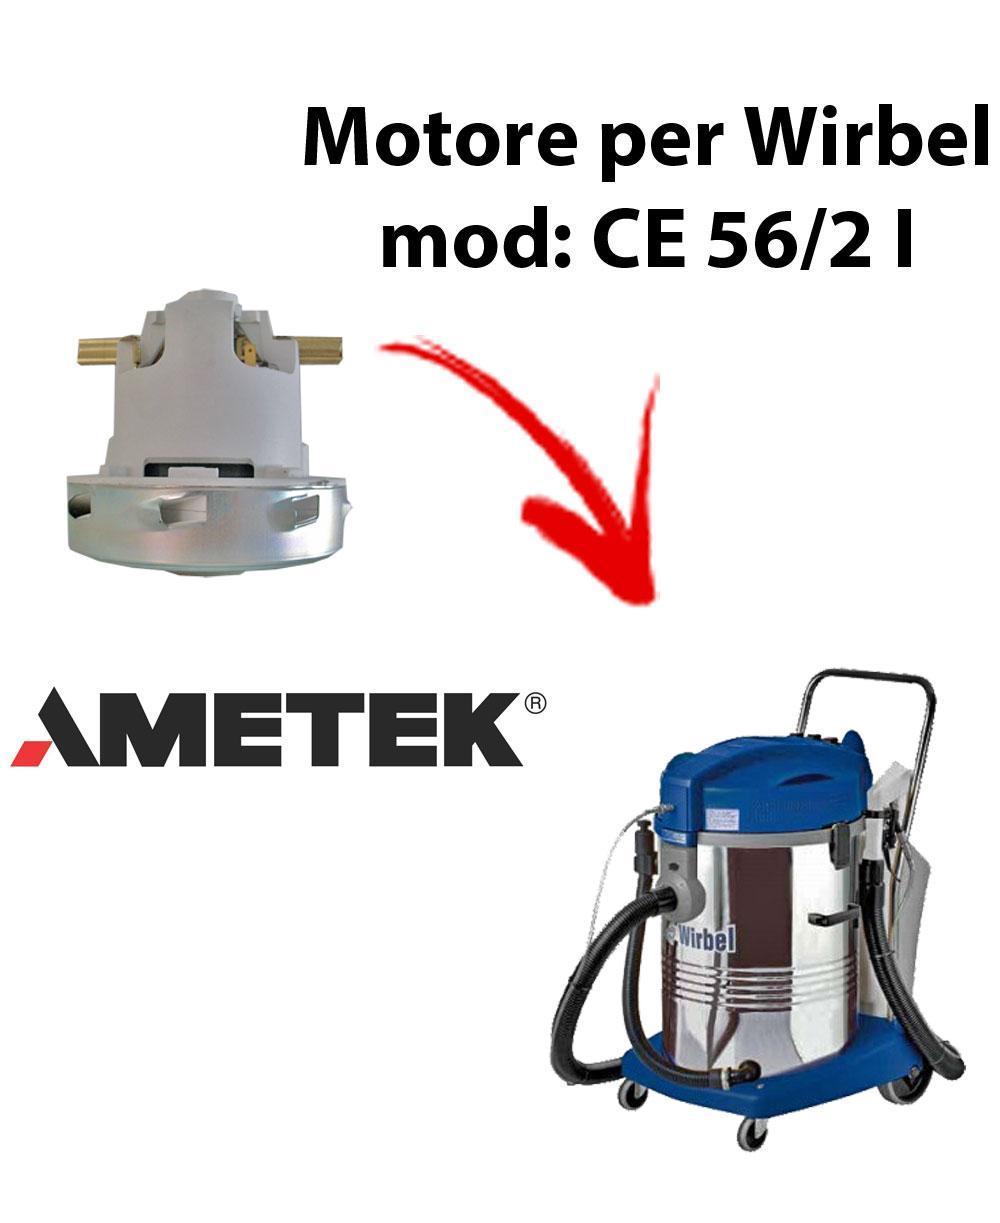 CE 56/2 I  Ametek Vacuum Motor for Vacuum cleaner WIRBEL